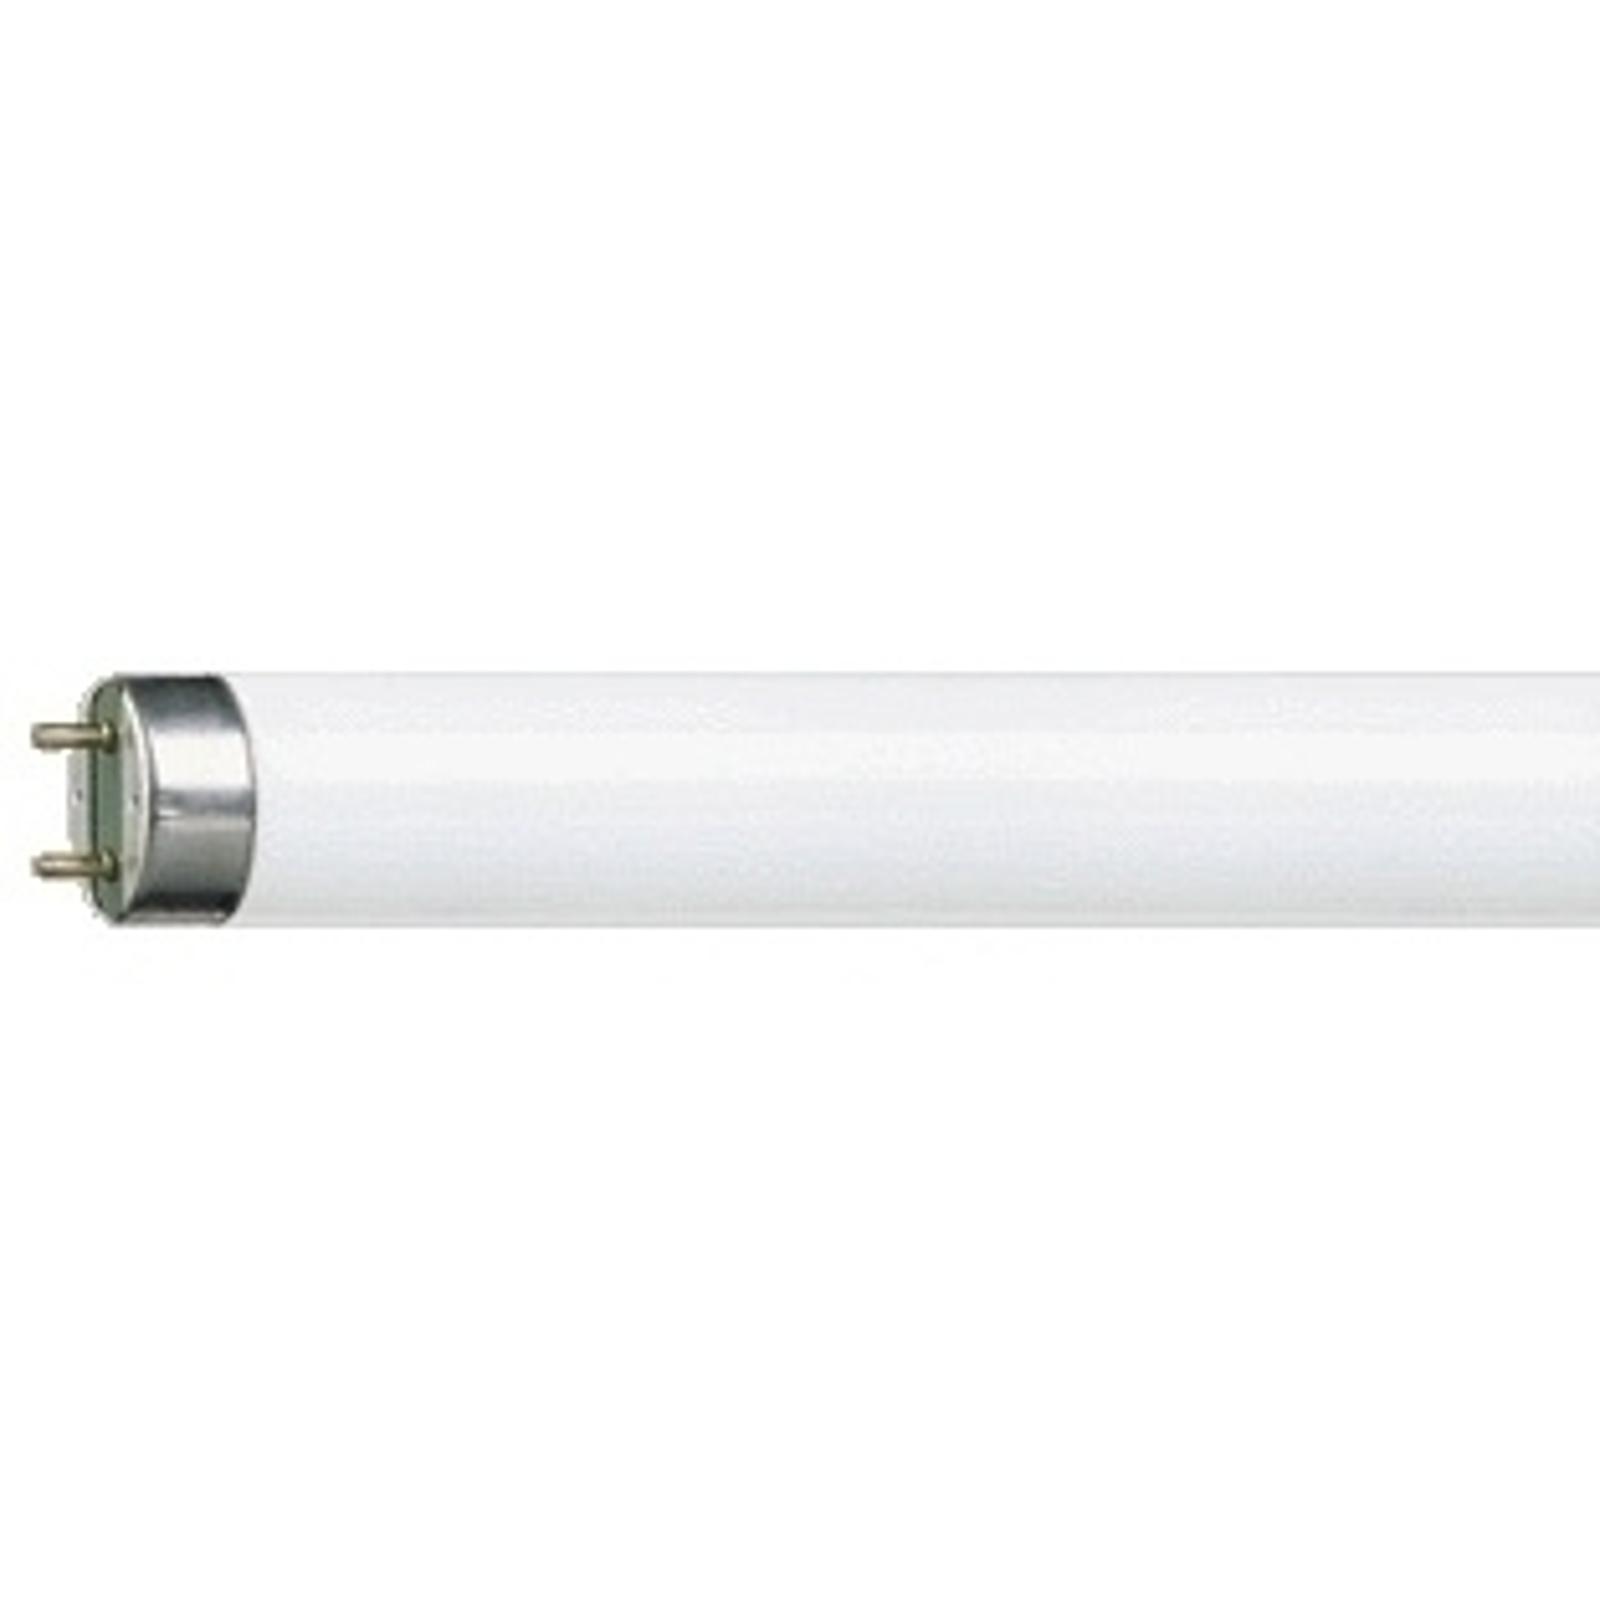 Leuchtstoffröhre G13 T8 58W MASTER TL-D Super 865